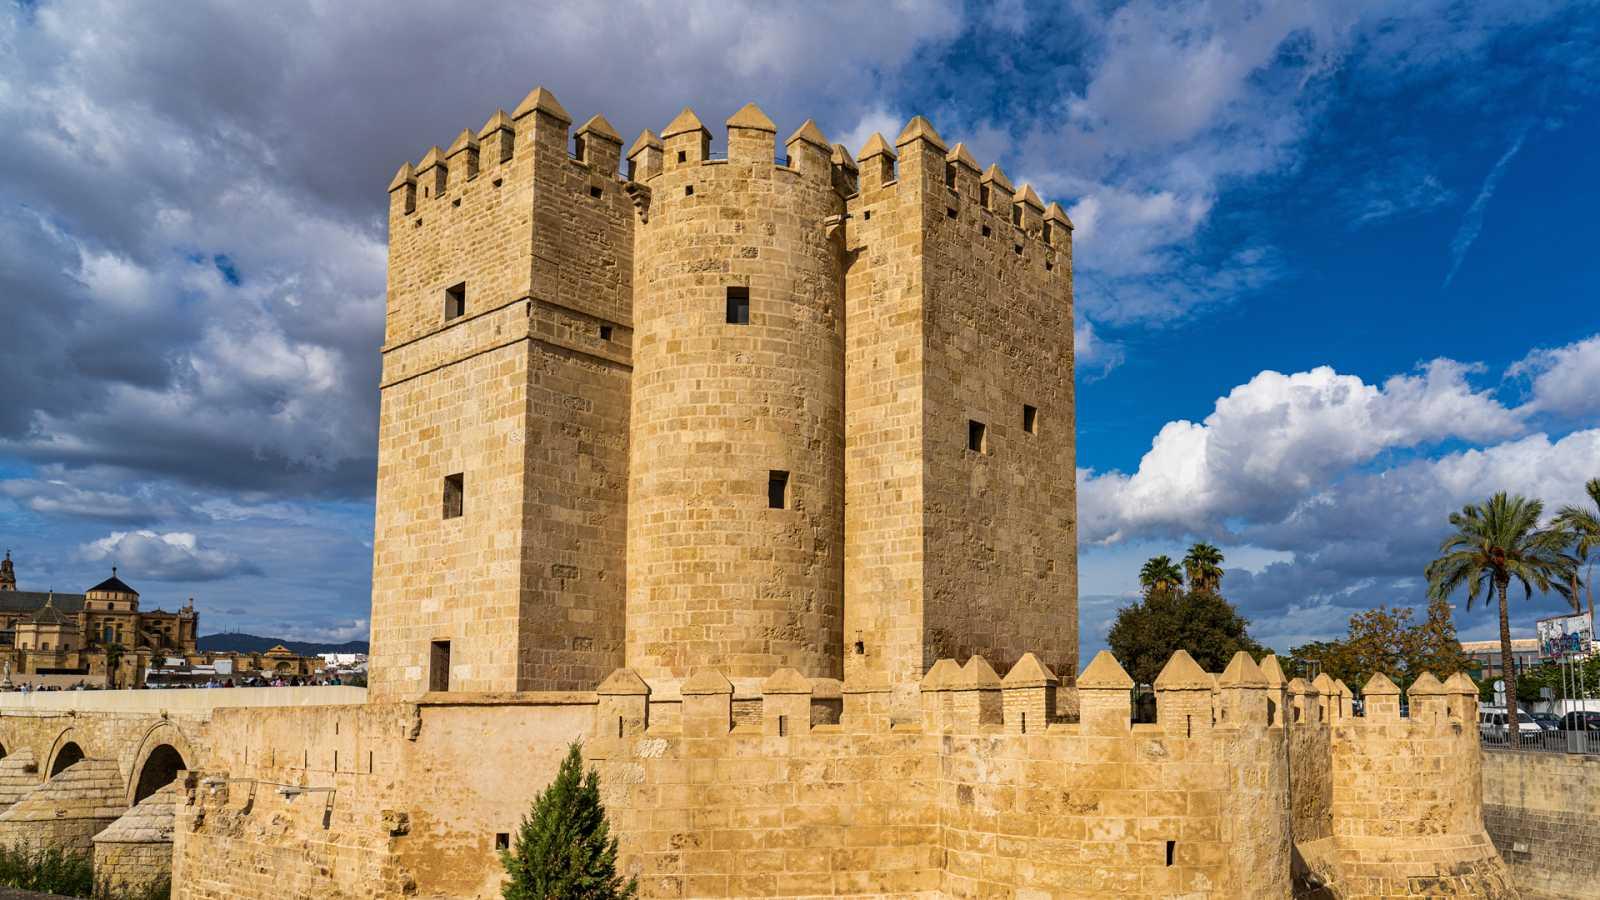 En clave Turismo - Torre Calahorra, Museo Vivo del al-Ándalus - 05/11/20 - escuchar ahora